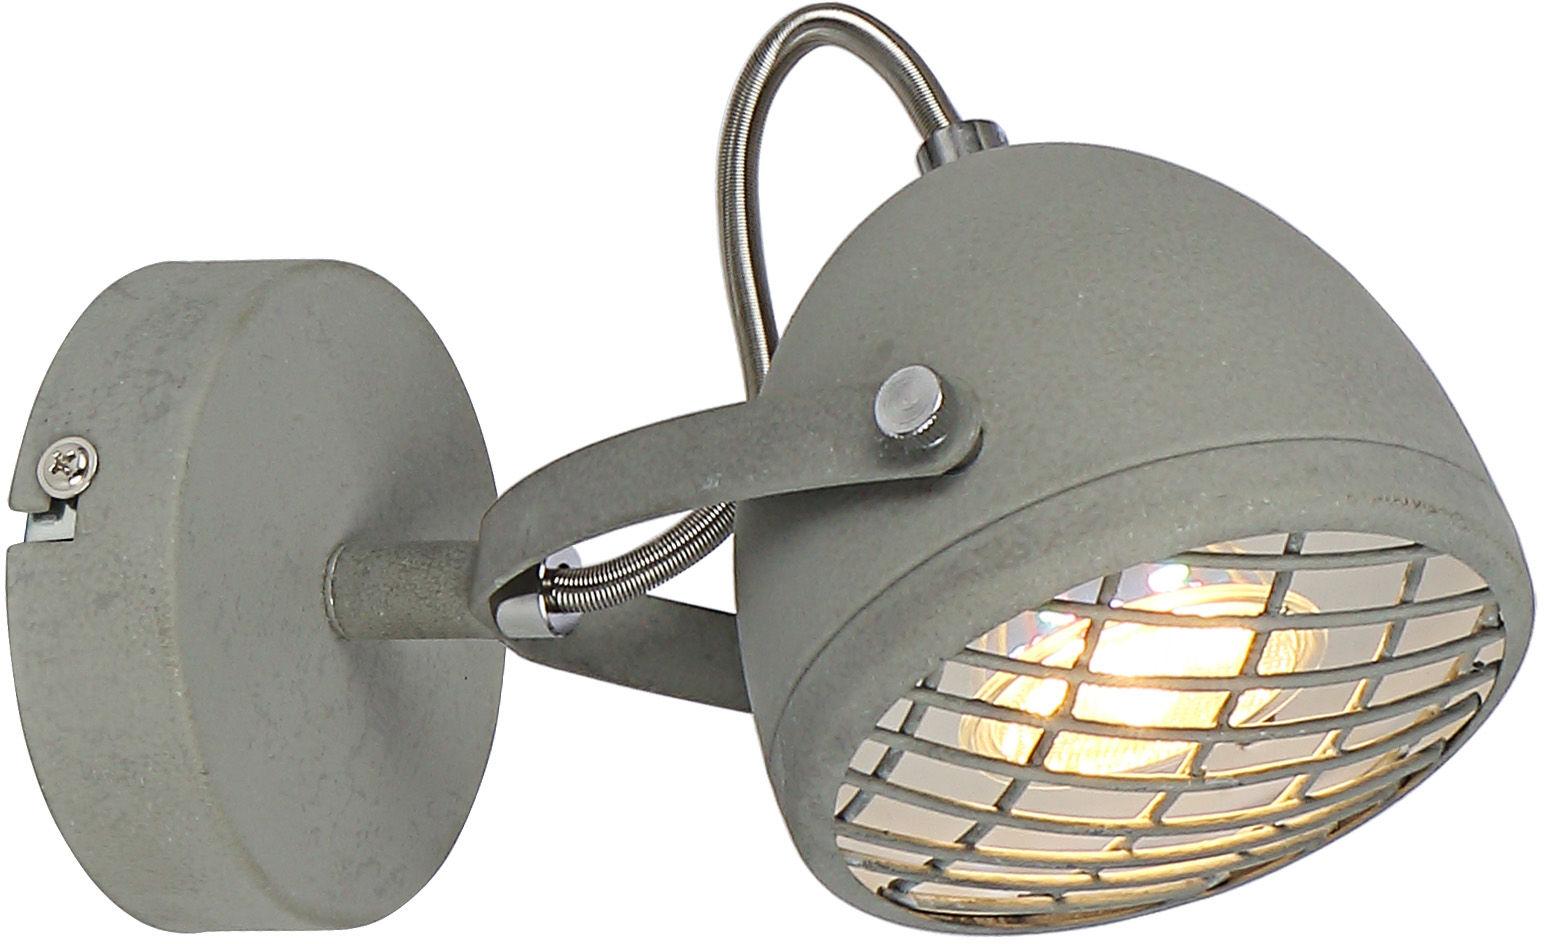 Candellux PENT 91-67999 kinkiet lampa ścienna betonowy szary regulacja klosza 1X50W GU10 10cm